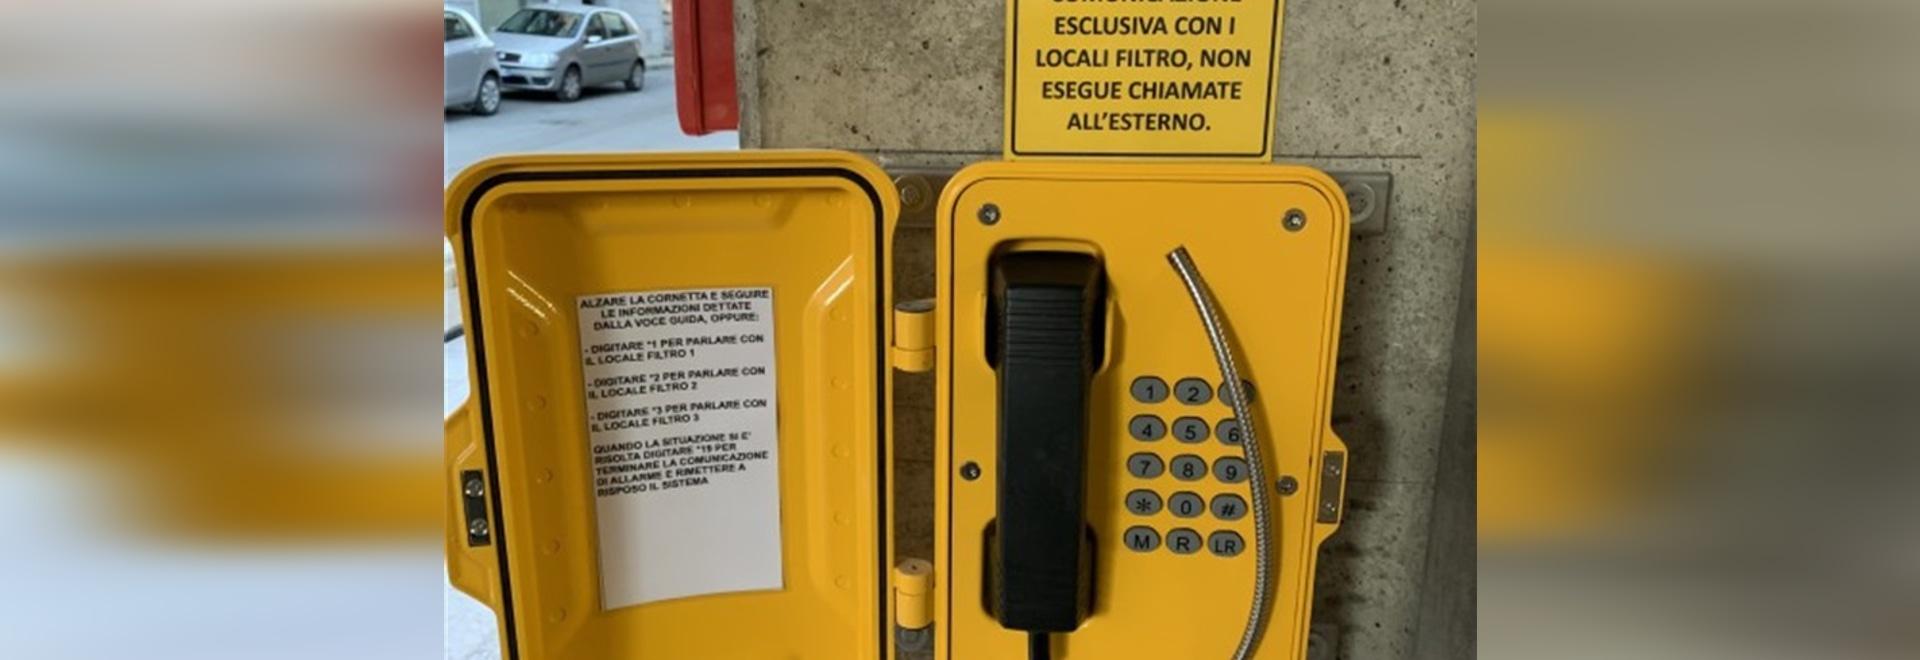 Le téléphone robuste de J&R Technology résistant aux intempéries utilisé à l'extérieur dans la communauté italienne